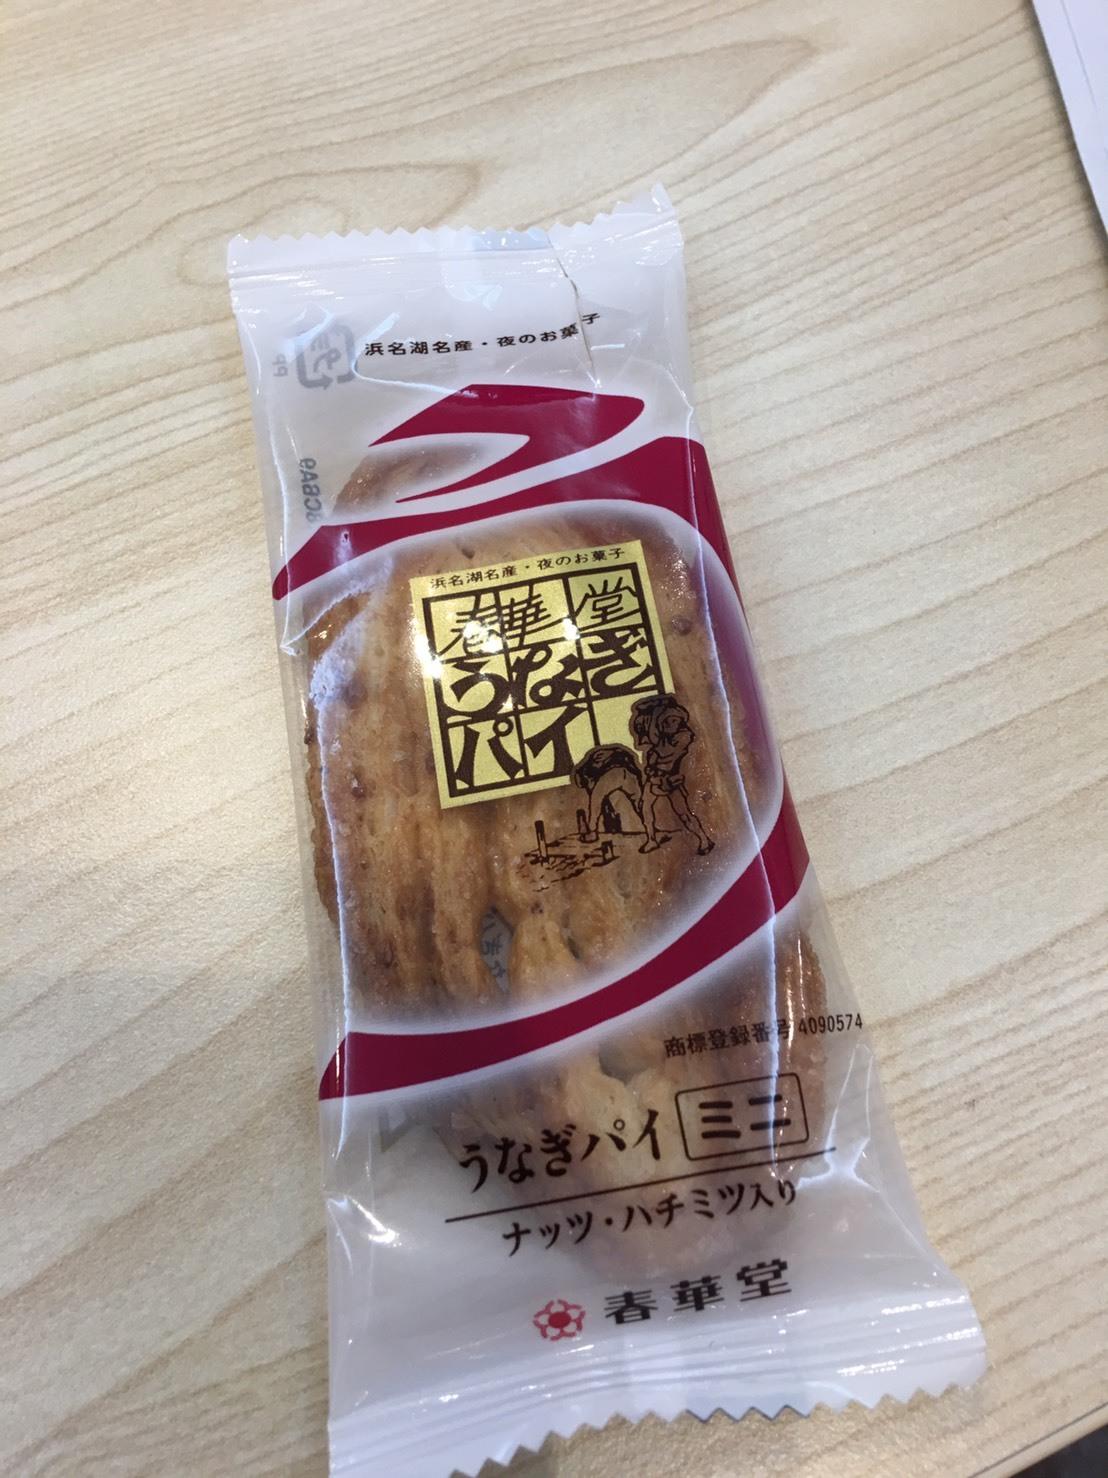 明美ちゃんお誕生日おめでとう〜〜❣️_a0163623_01523041.jpg